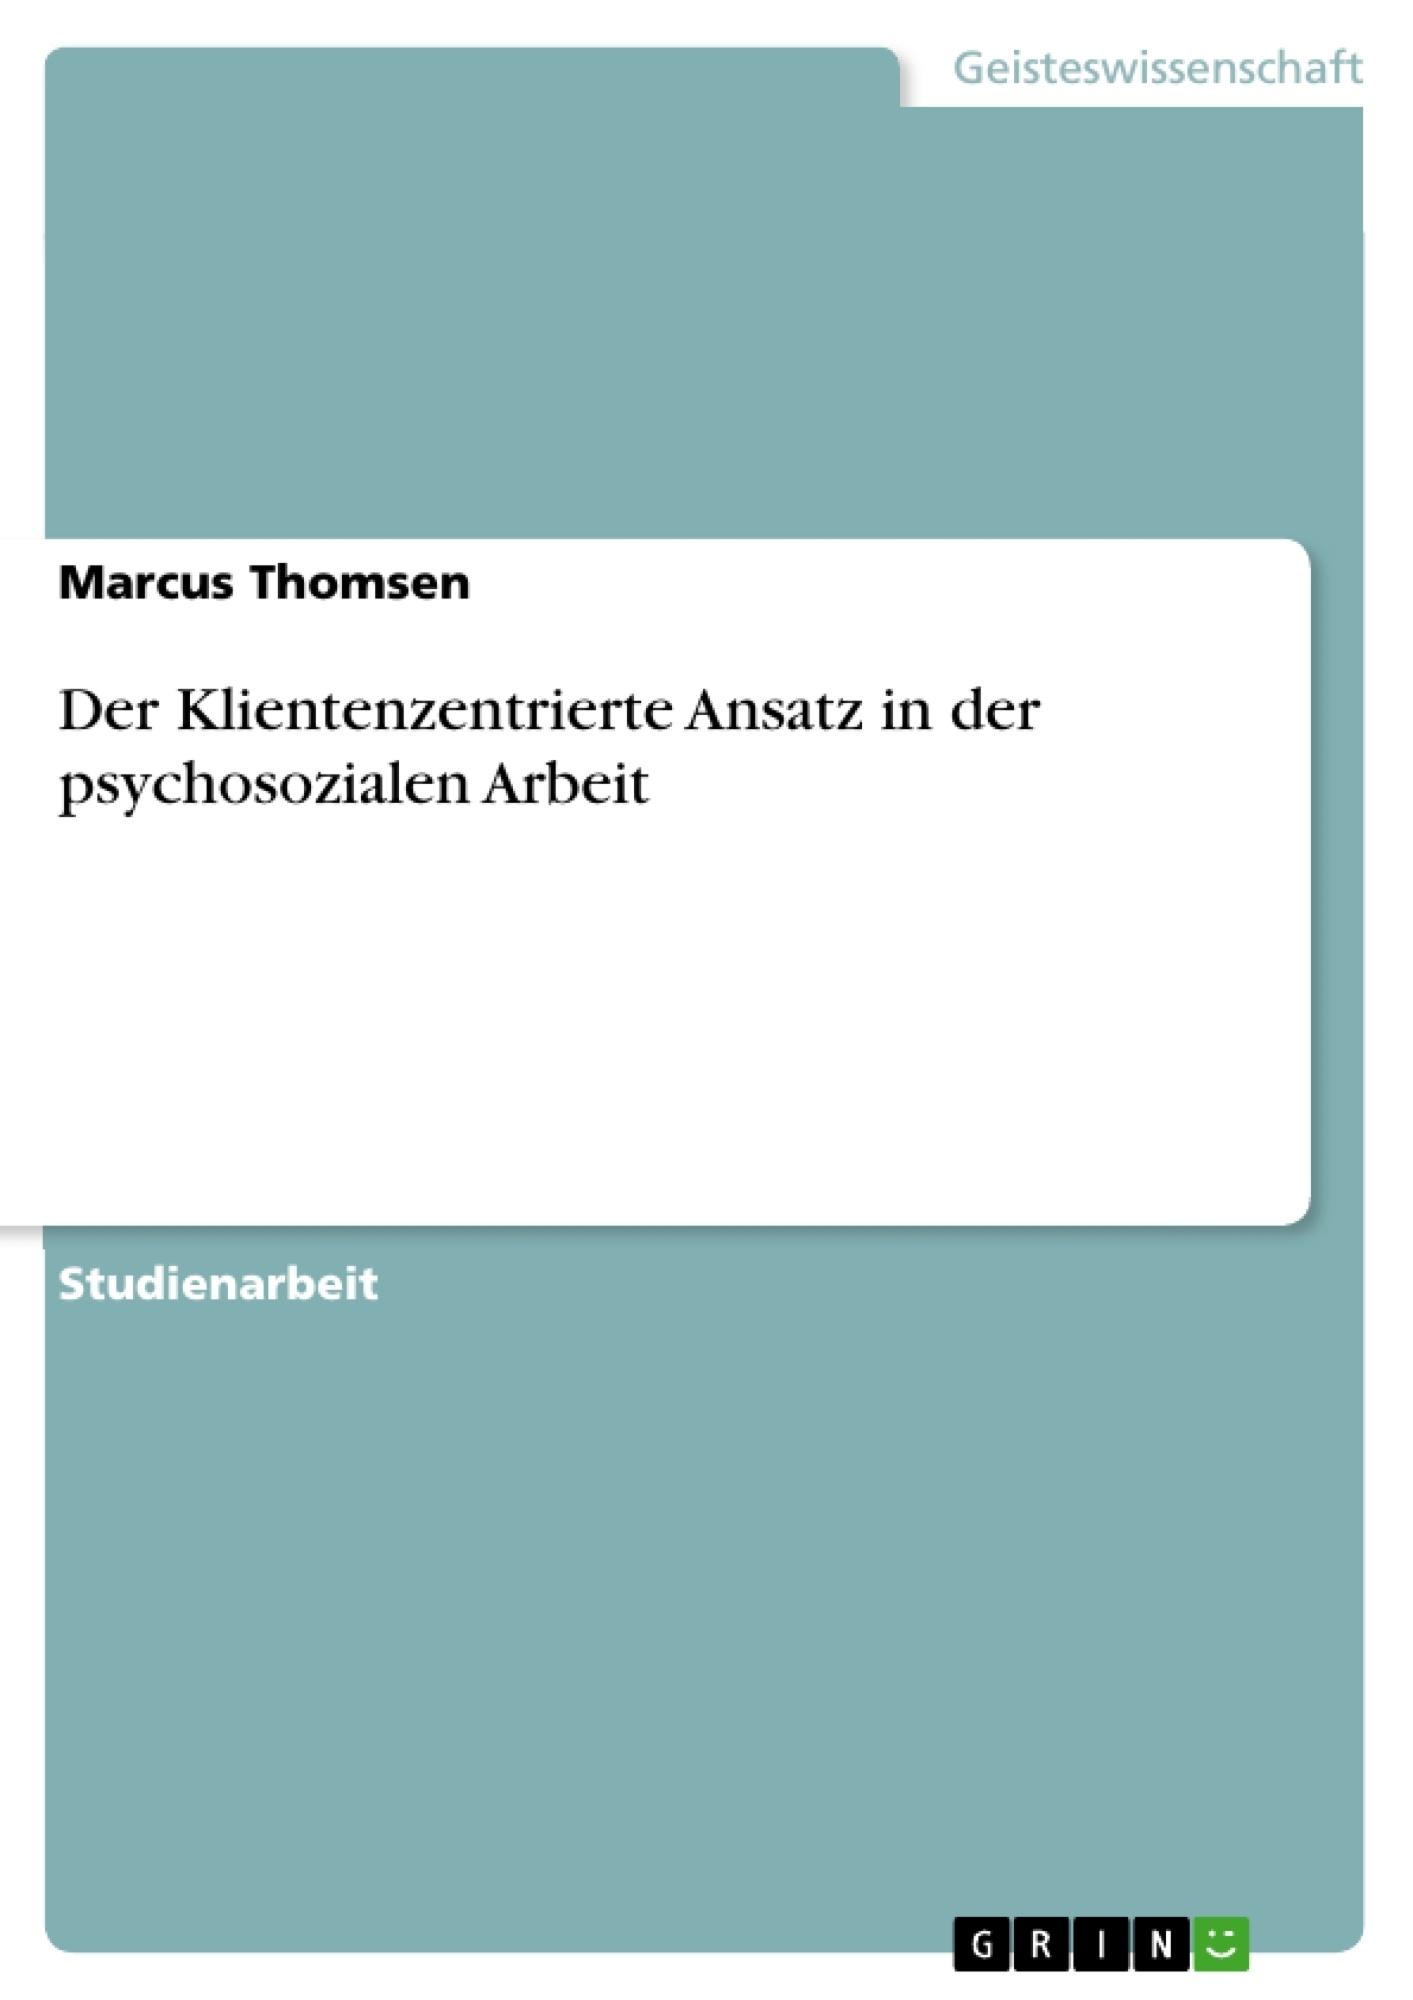 Titel: Der Klientenzentrierte Ansatz in der psychosozialen Arbeit